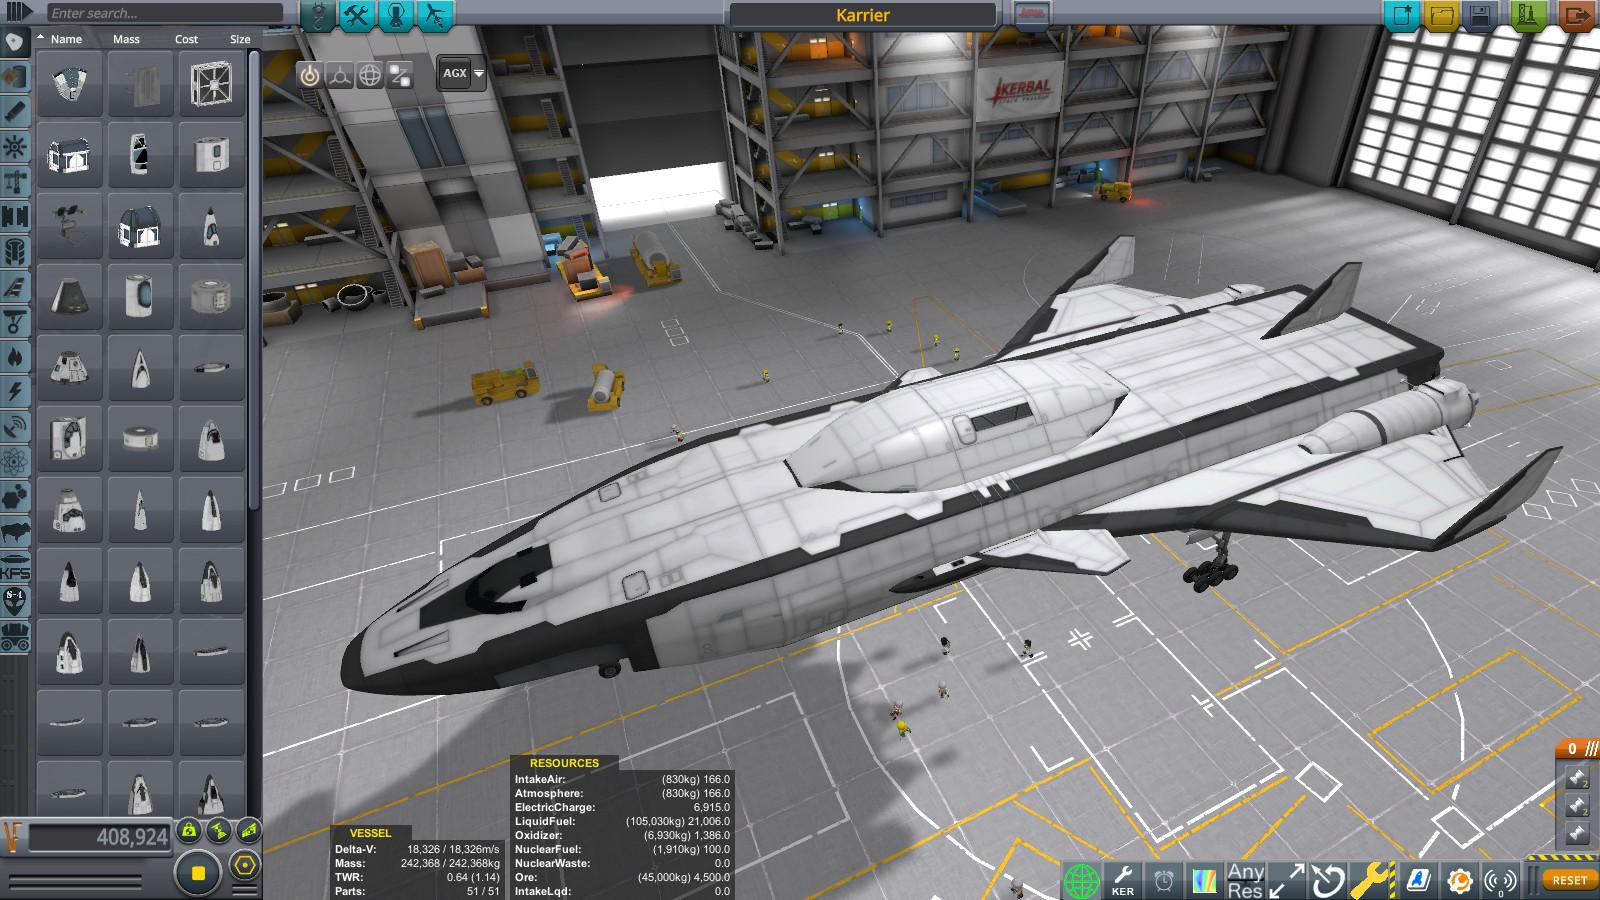 Honeyview_screenshot335.jpg